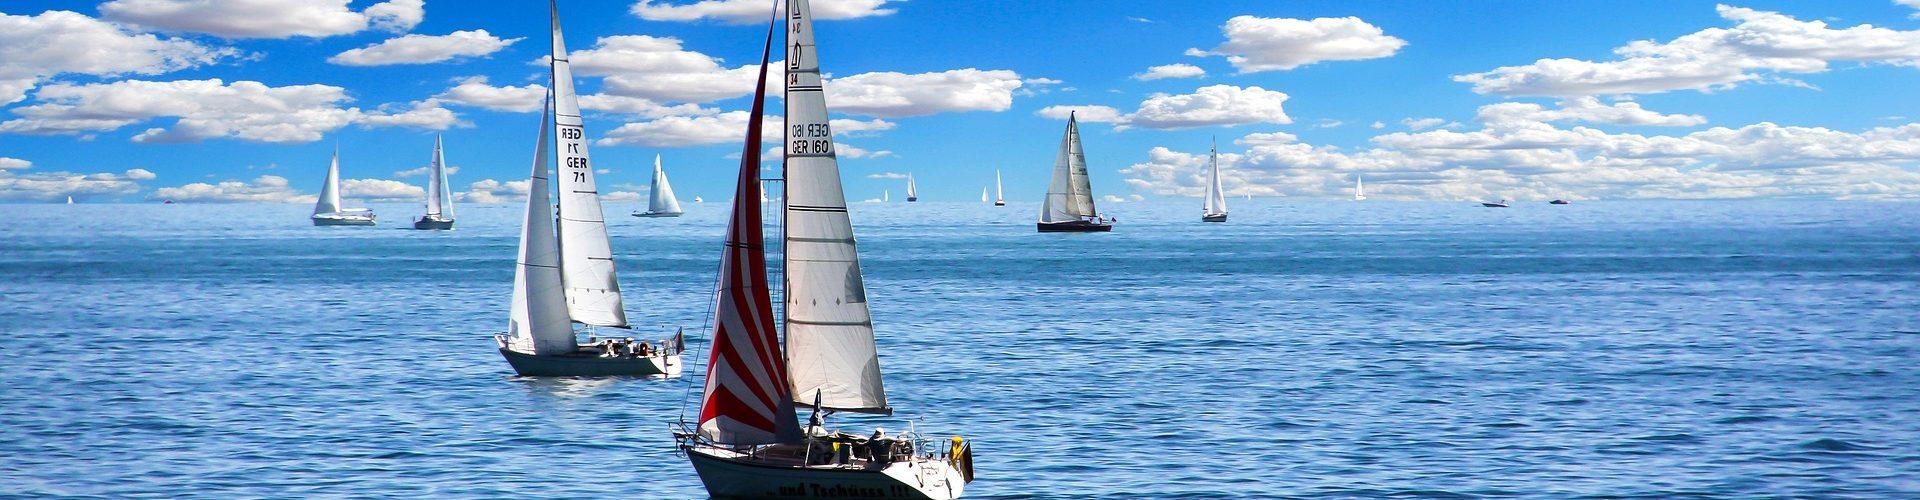 segeln lernen in Neu Wulmstorf segelschein machen in Neu Wulmstorf 1920x500 - Segeln lernen in Neu Wulmstorf